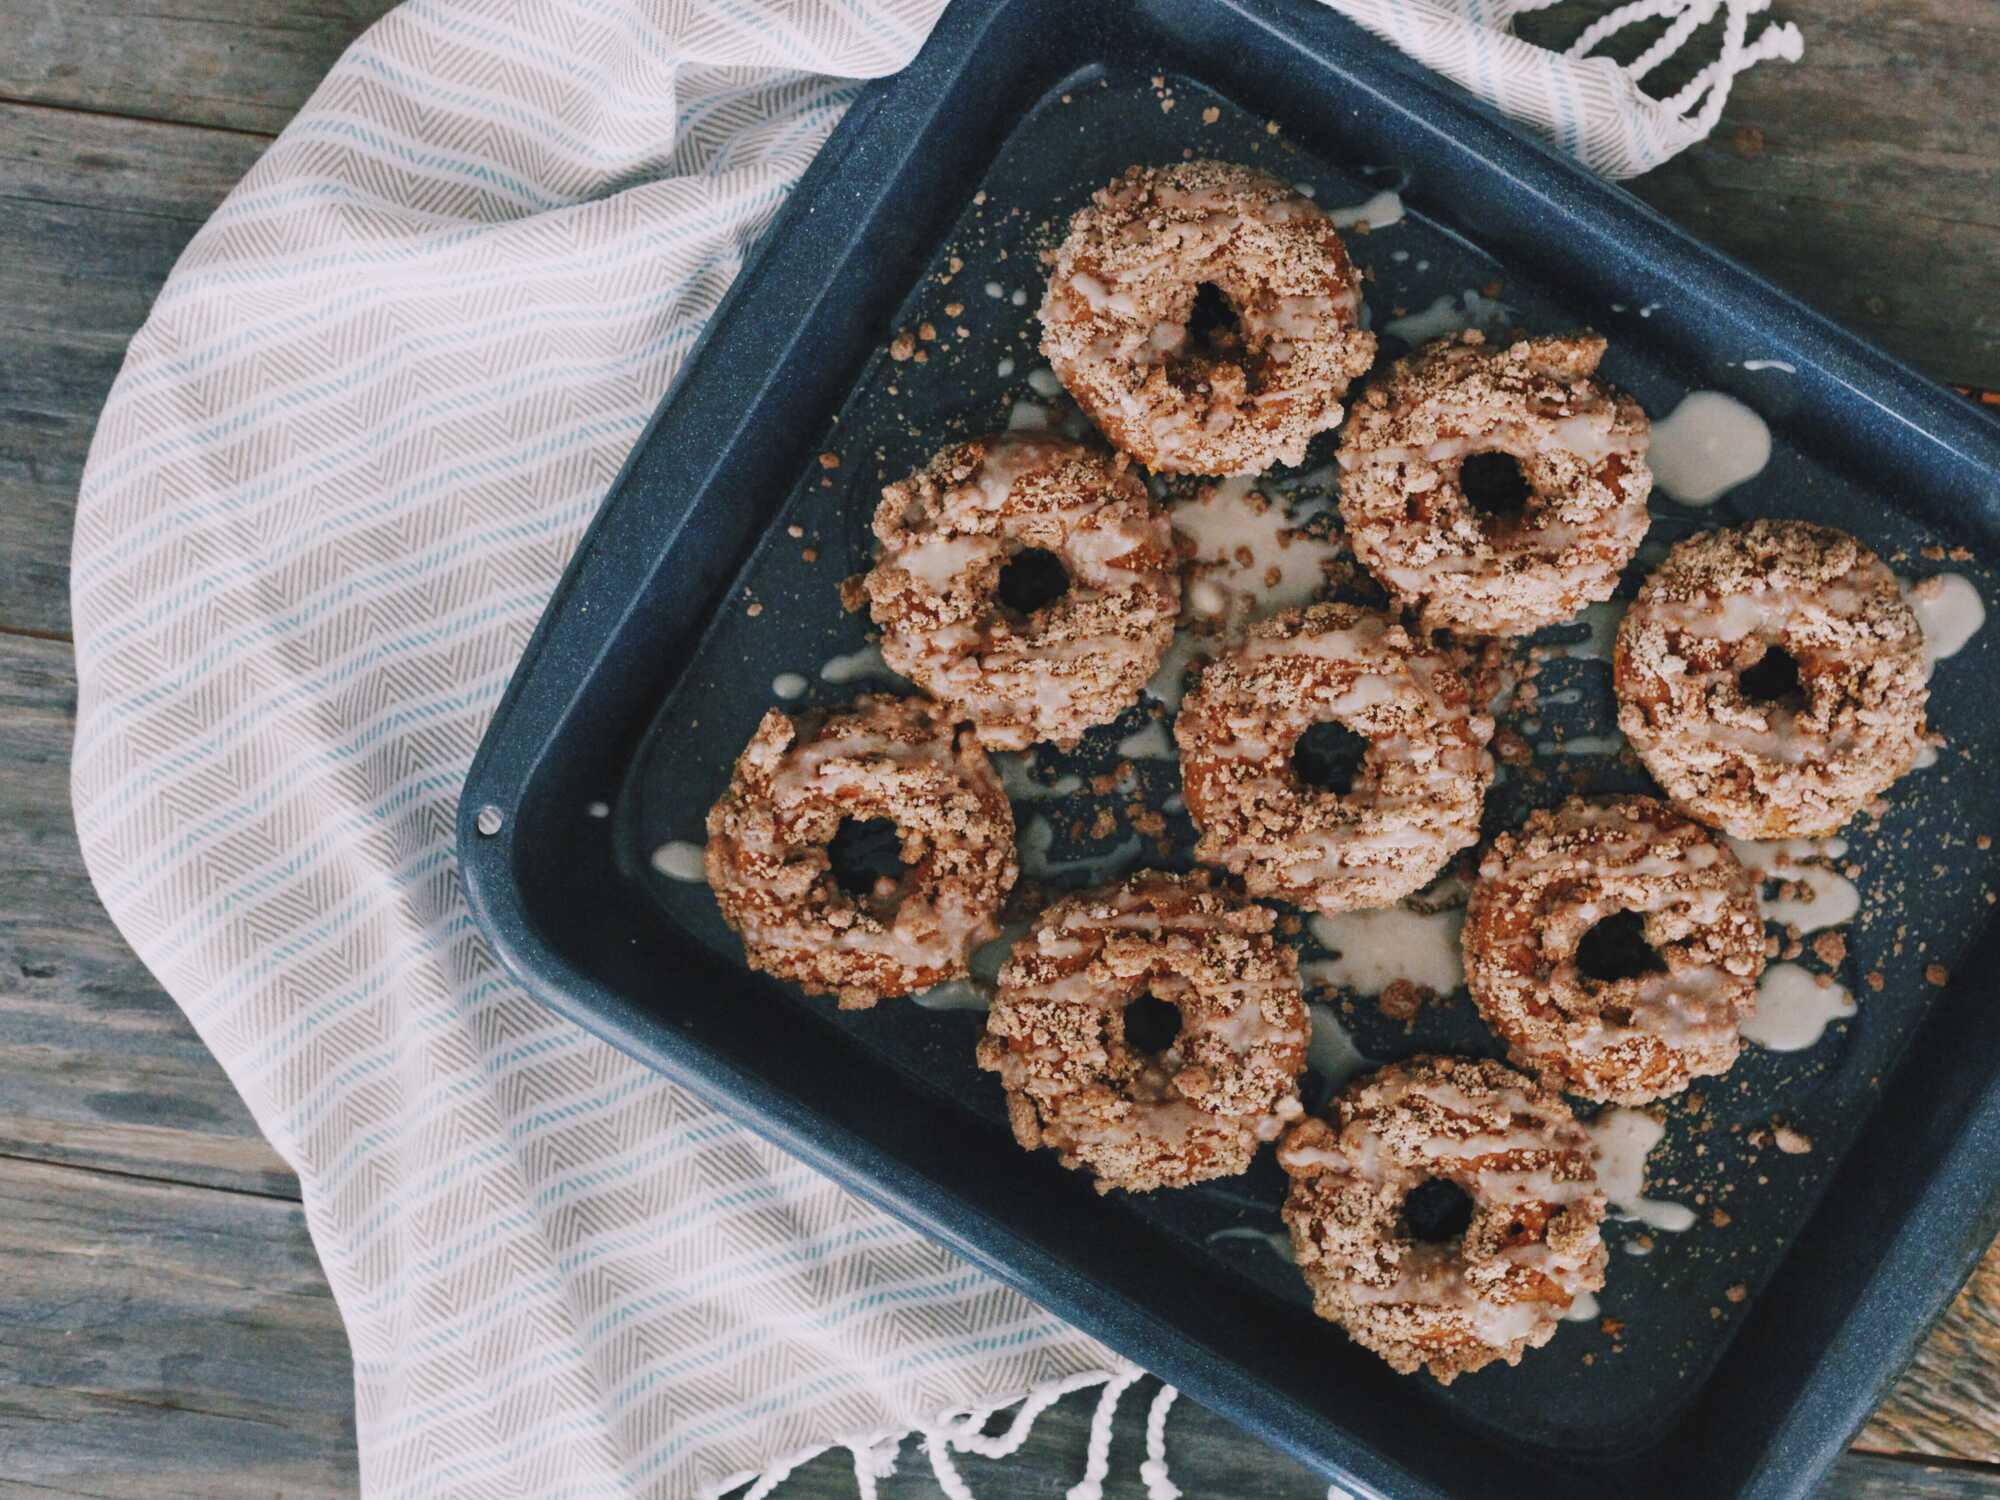 Encore posés sur la plaque de cuisson, neuf petits donuts couleur café sont recouvert de sauce caramel et ils attendent d'être consommés.